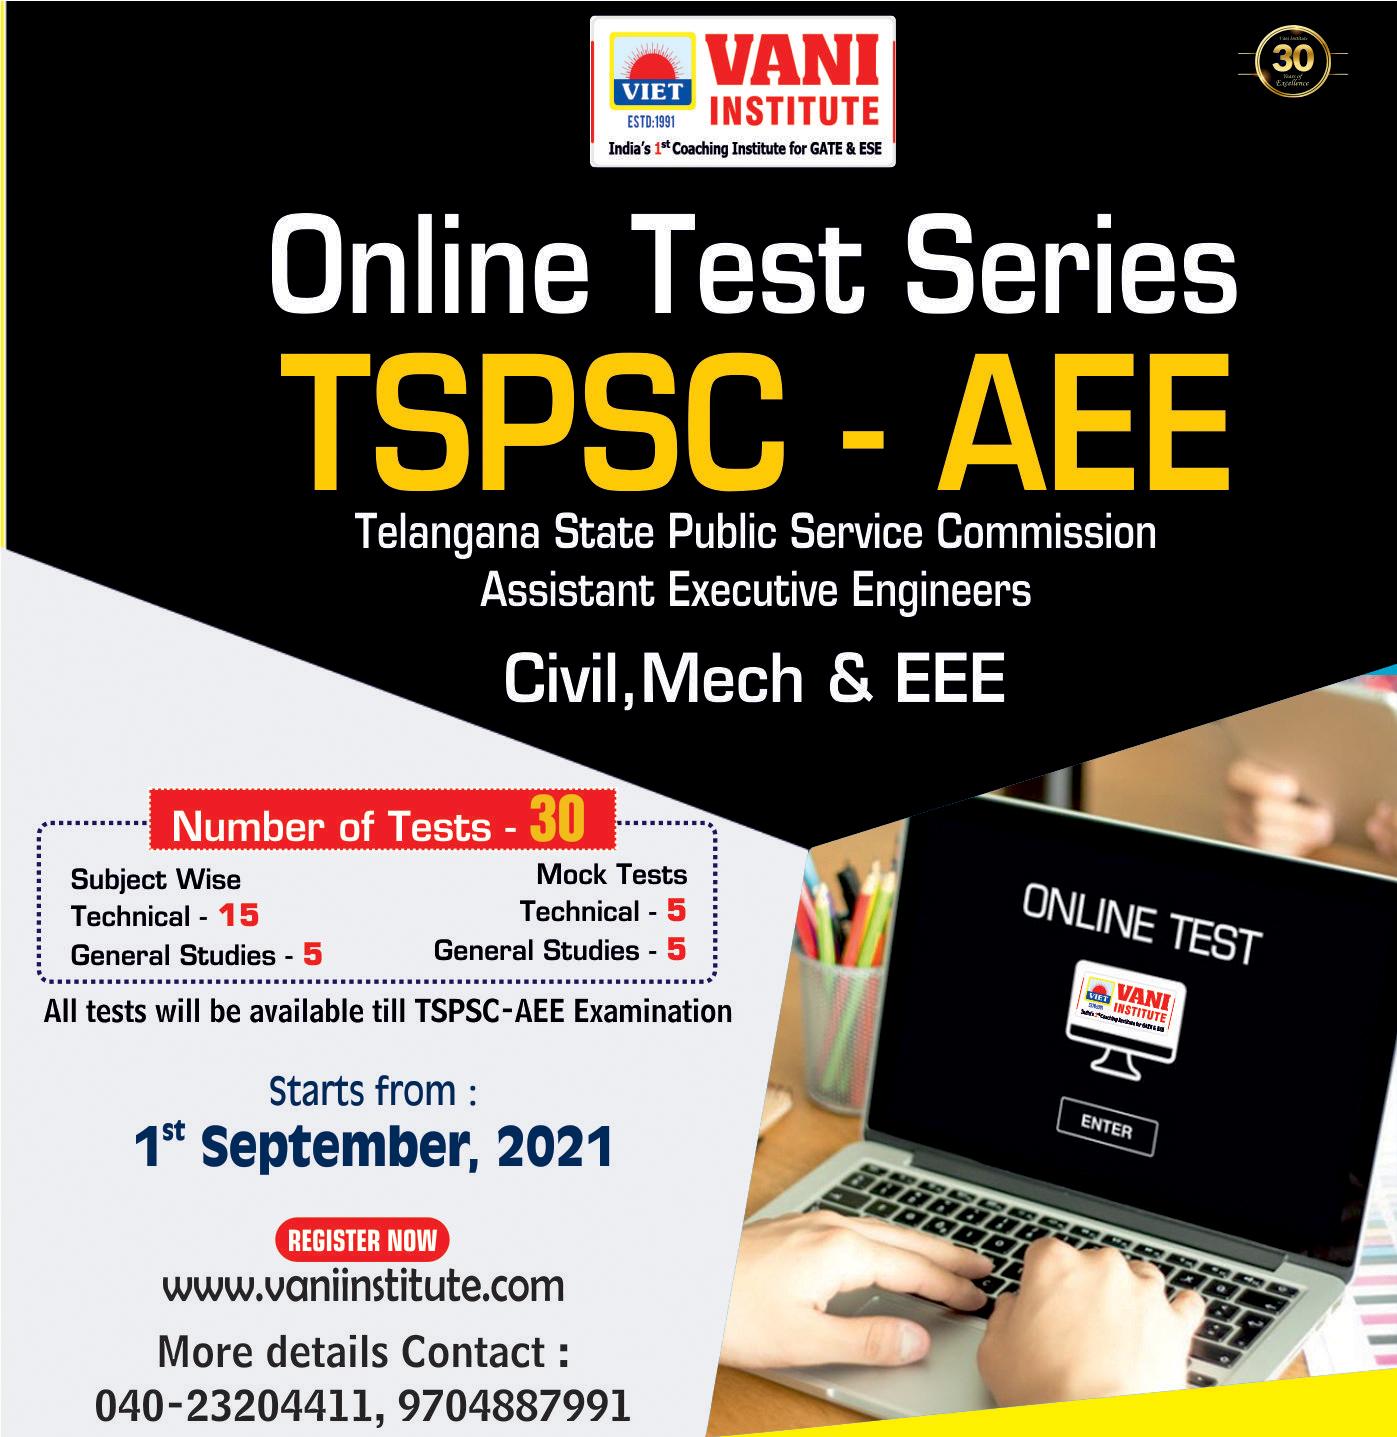 TSPSC-AEE ONLINE TEST SERIES